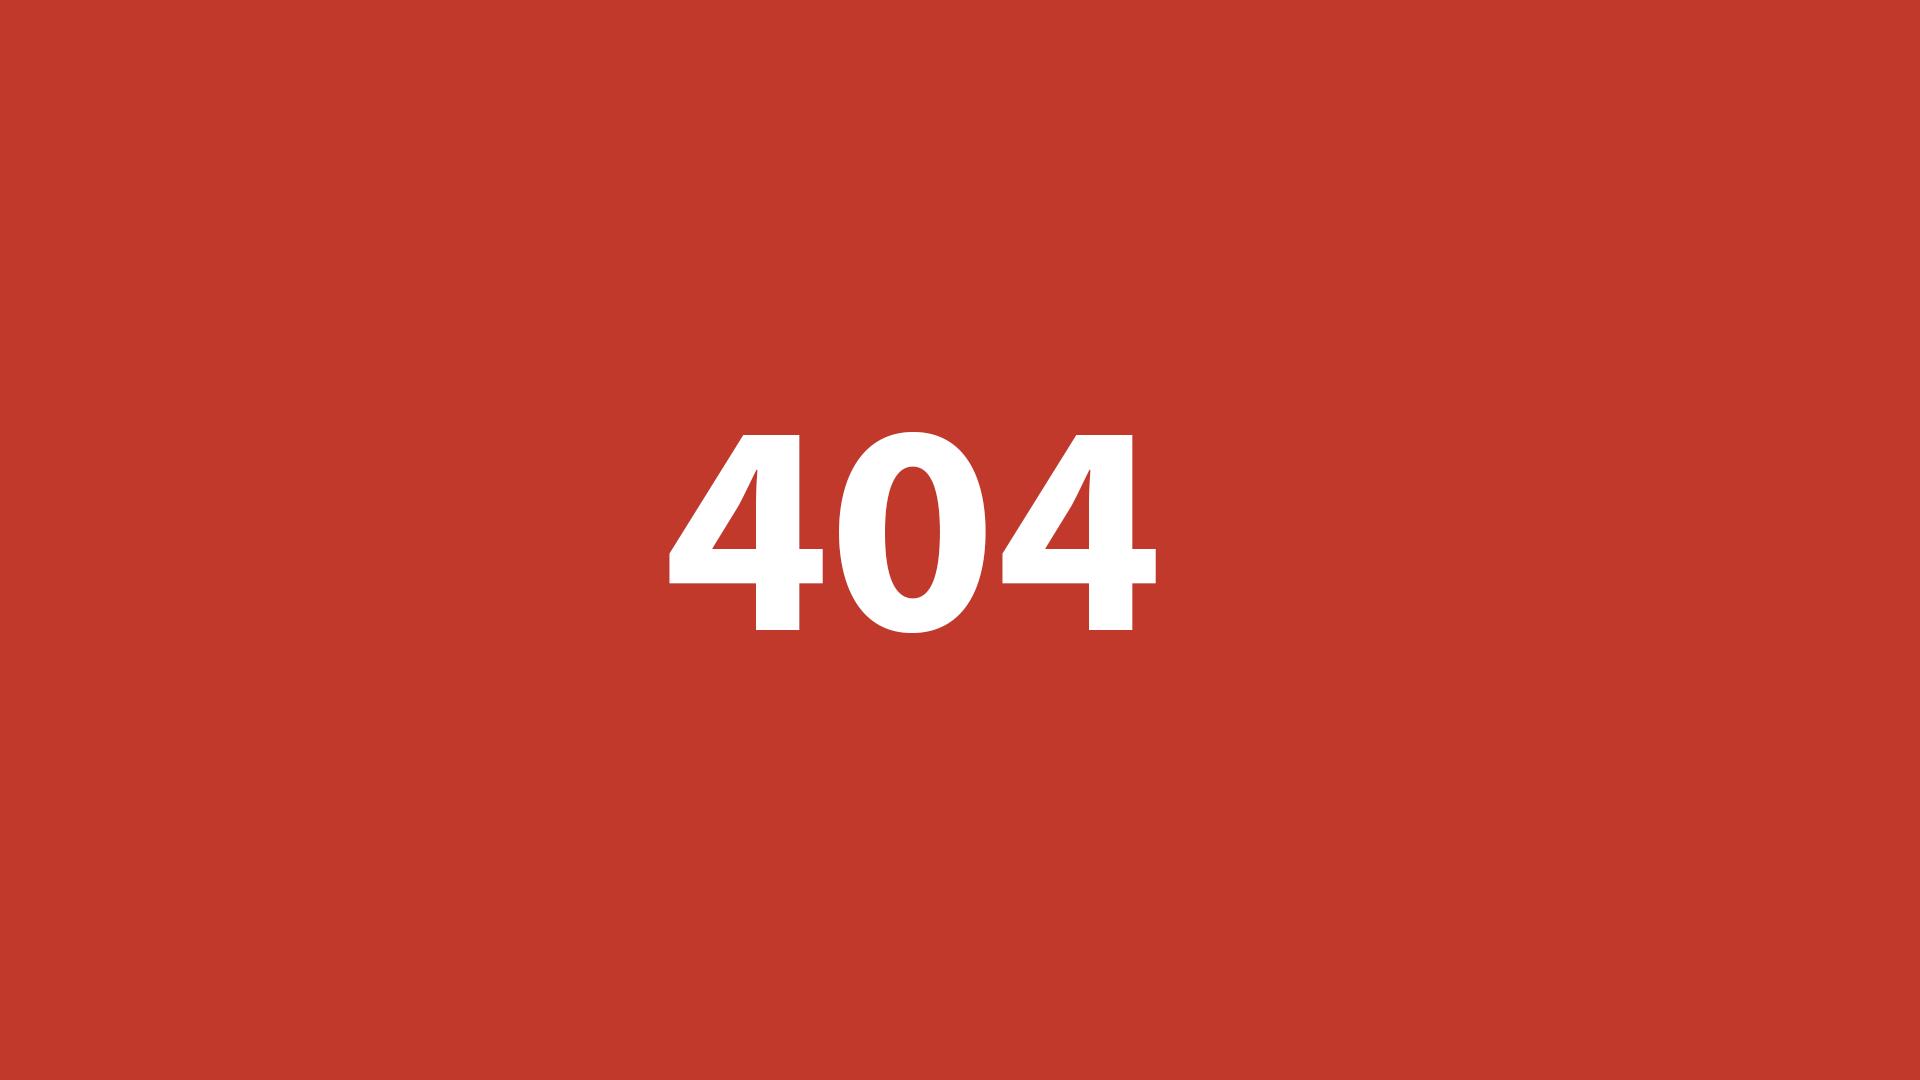 Soft 404 Hataları ve Çözümleri